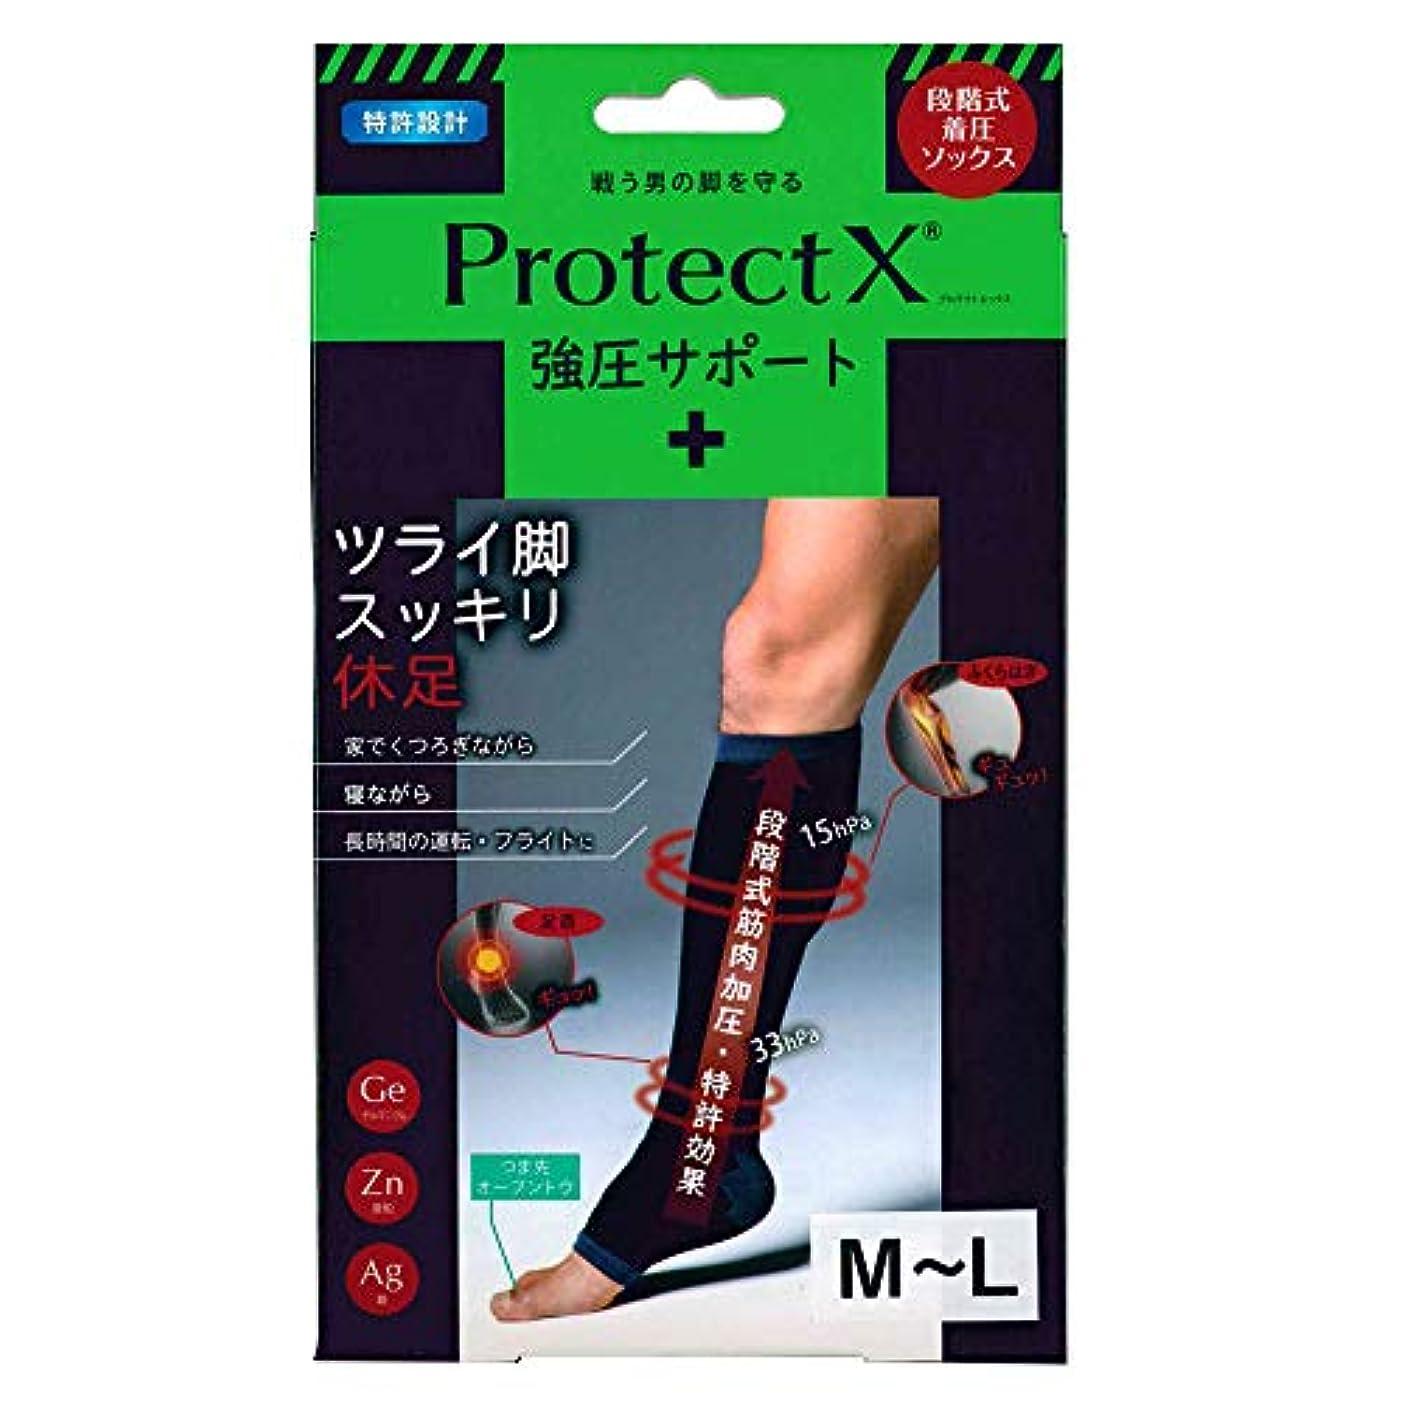 構造偽善者誇大妄想Protect X(プロテクトエックス) 強圧サポート オープントゥ着圧ソックス 膝下 (膝下M-L)